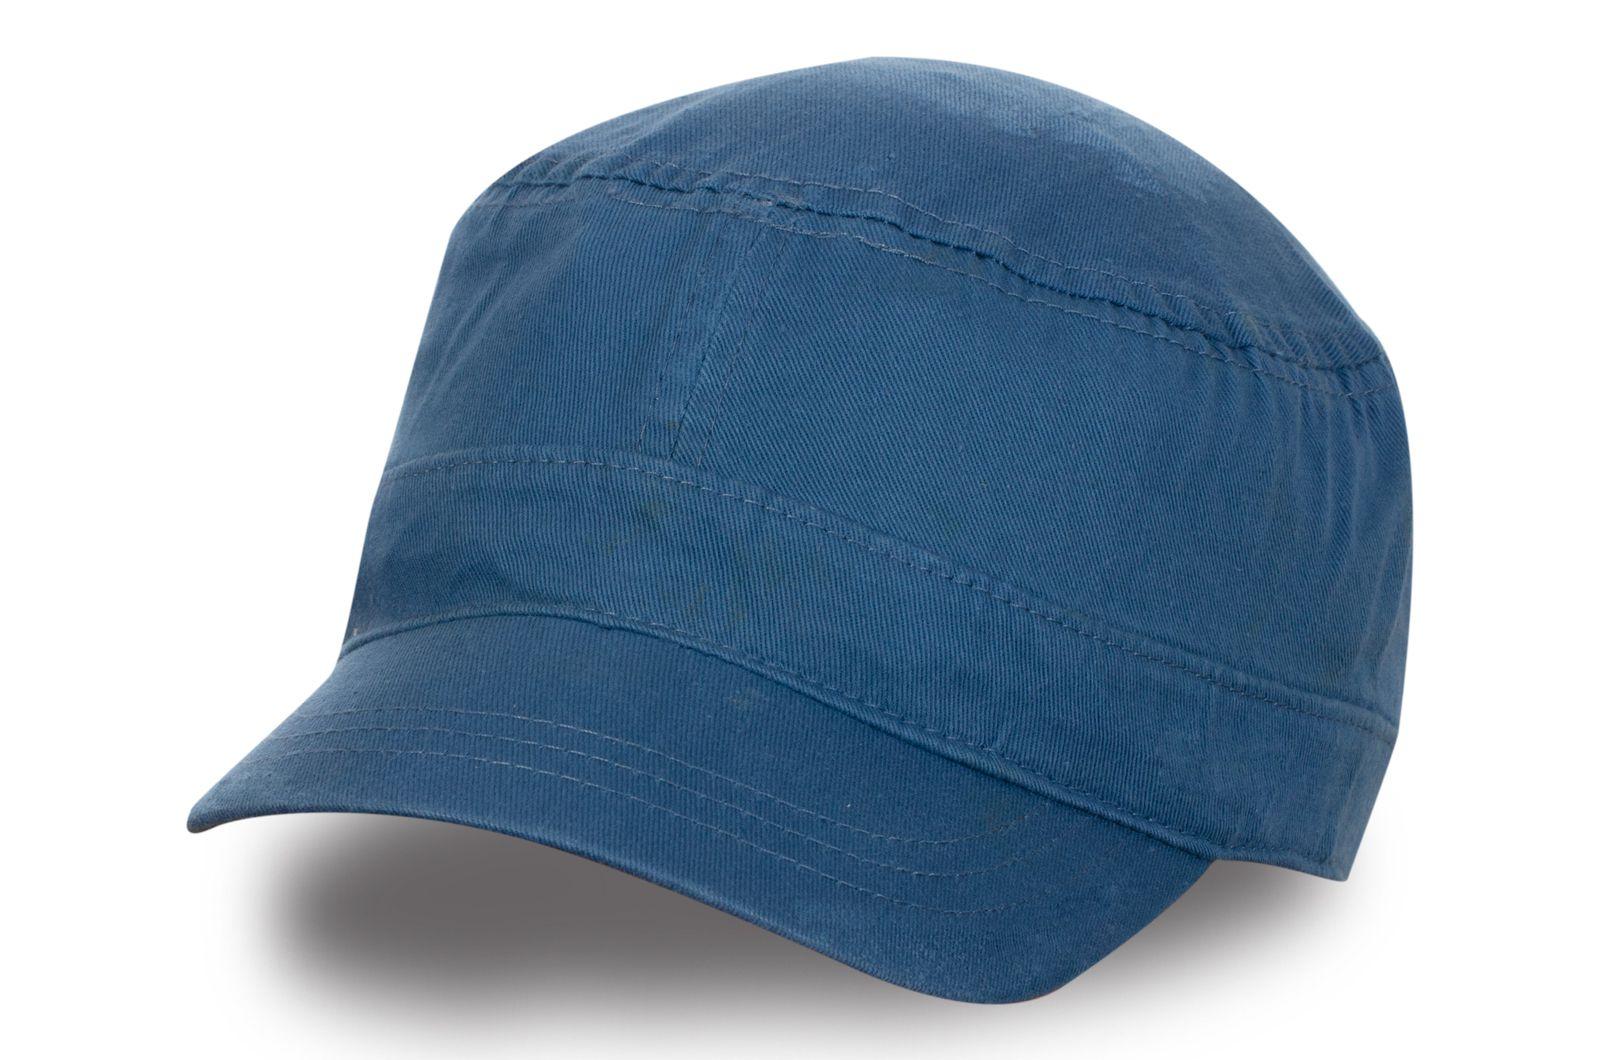 Синяя женская кепка - купить в интернет-магазине